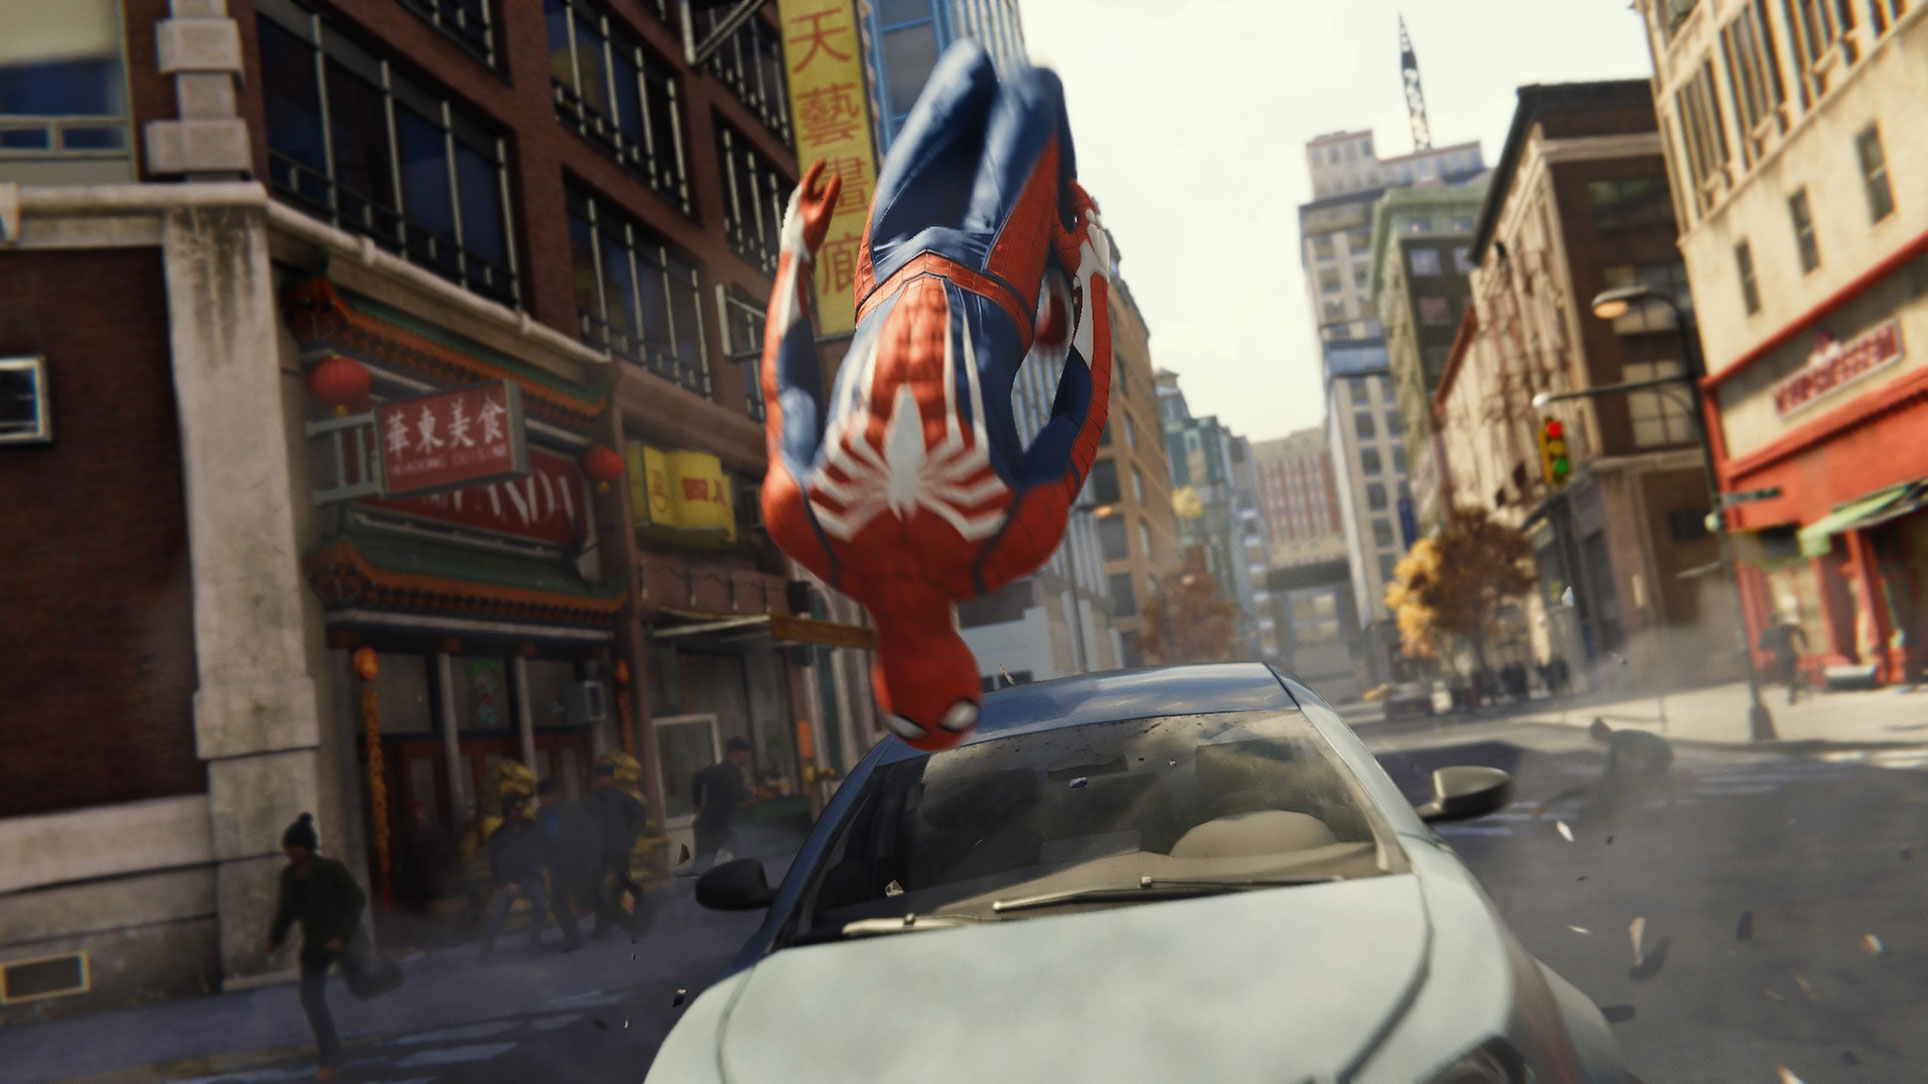 Vollbremsung nach Spinnen-Art: Spider-Man am Ende einer erfolgreichen Auto-Verfolungsjagd